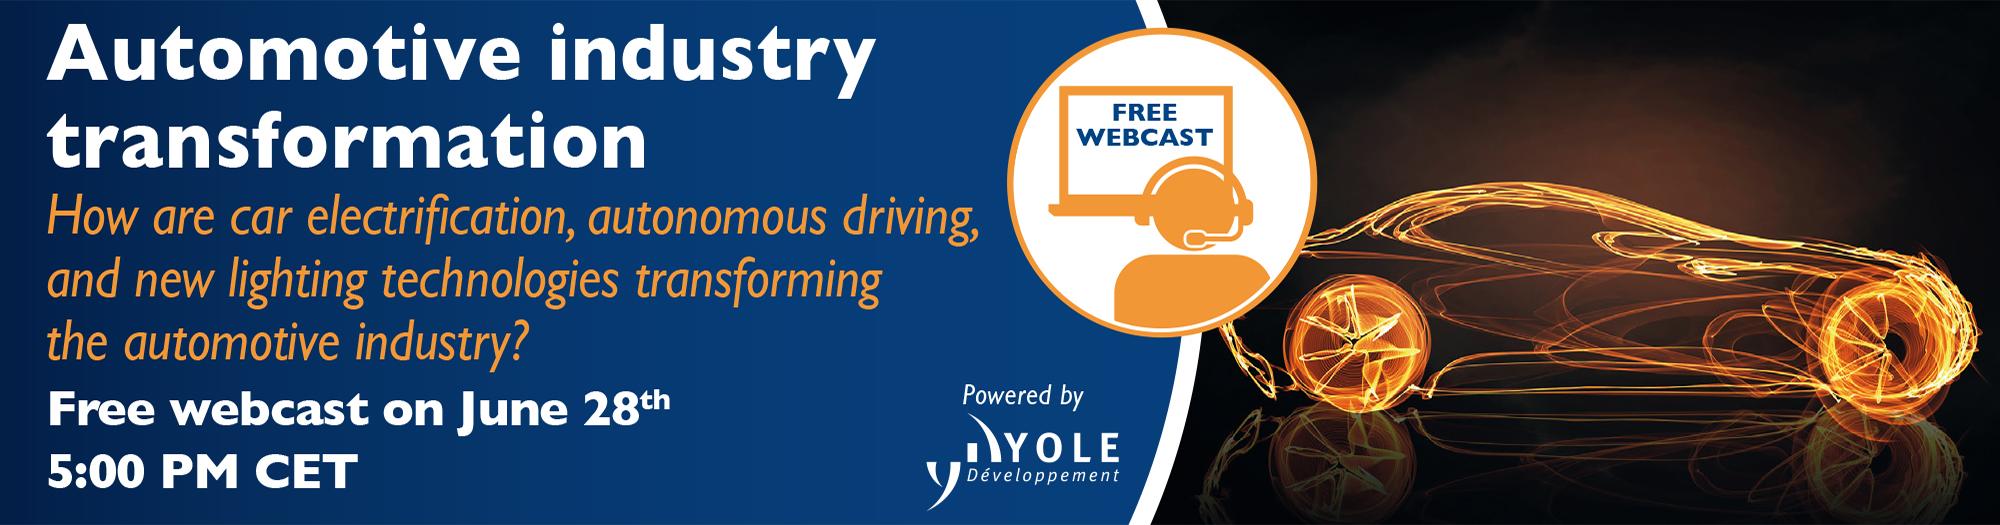 webcast automotive autonomous lighting electrification yole developpement 2000x525